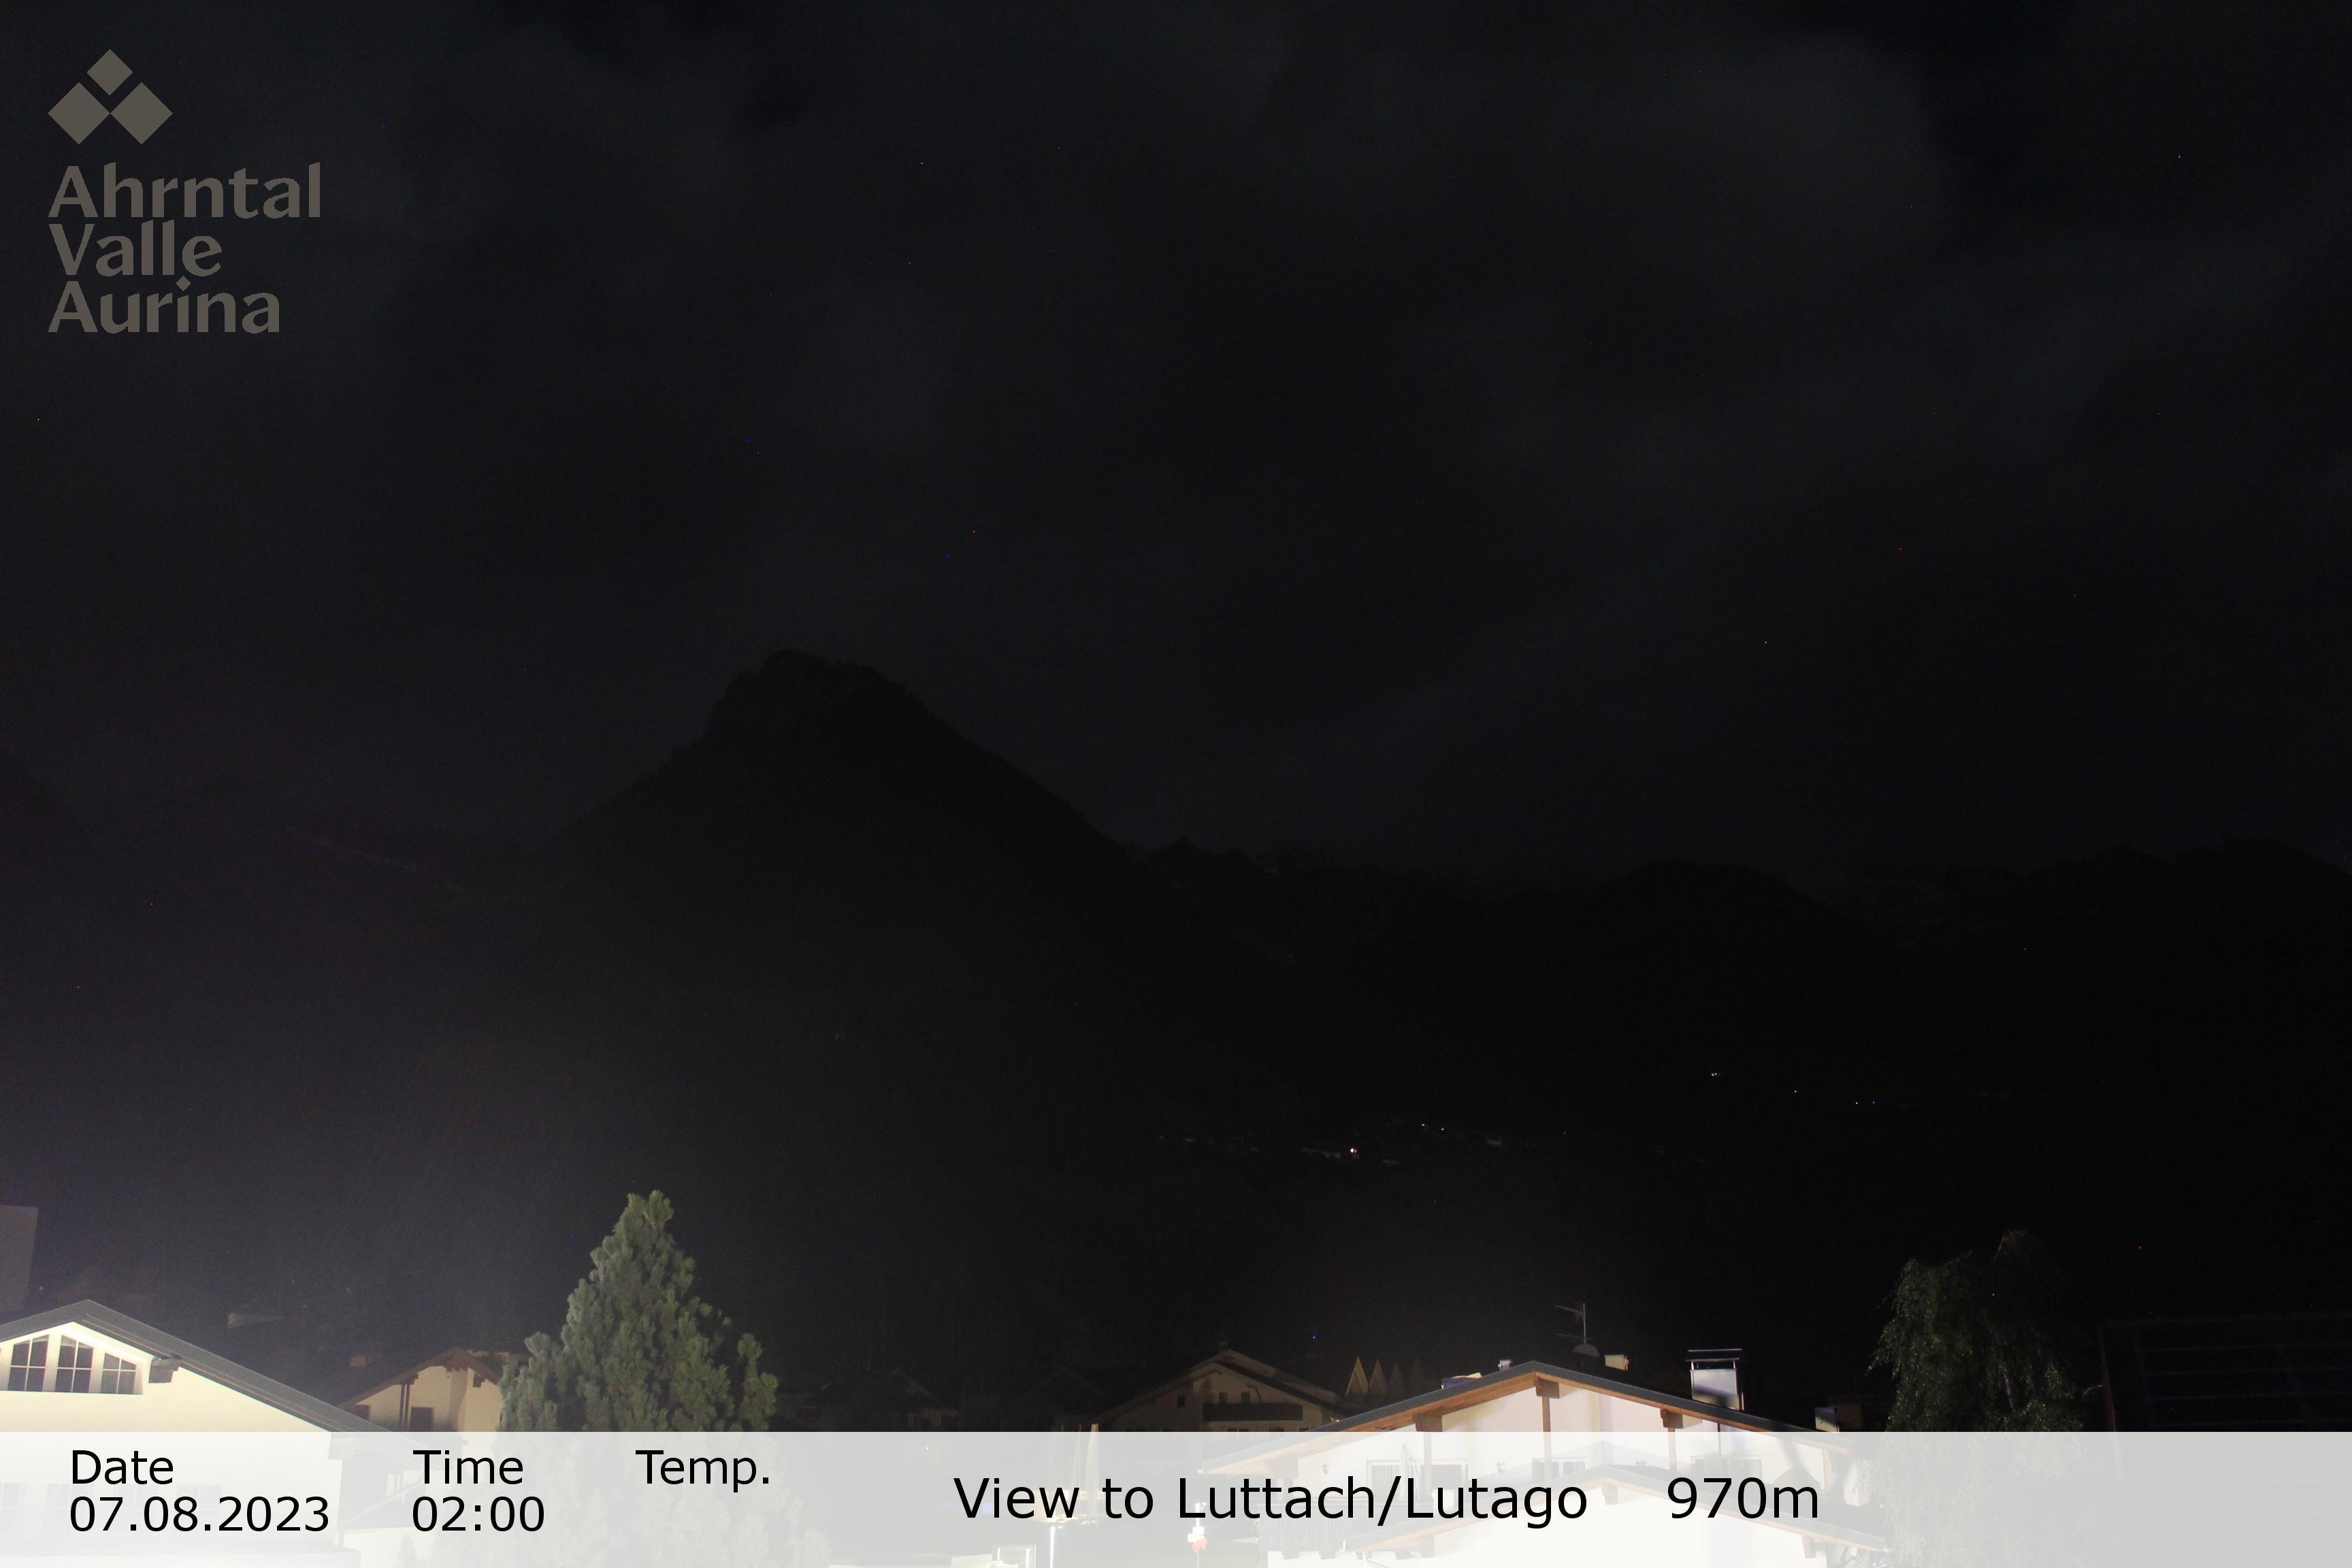 Luttach / Lutago